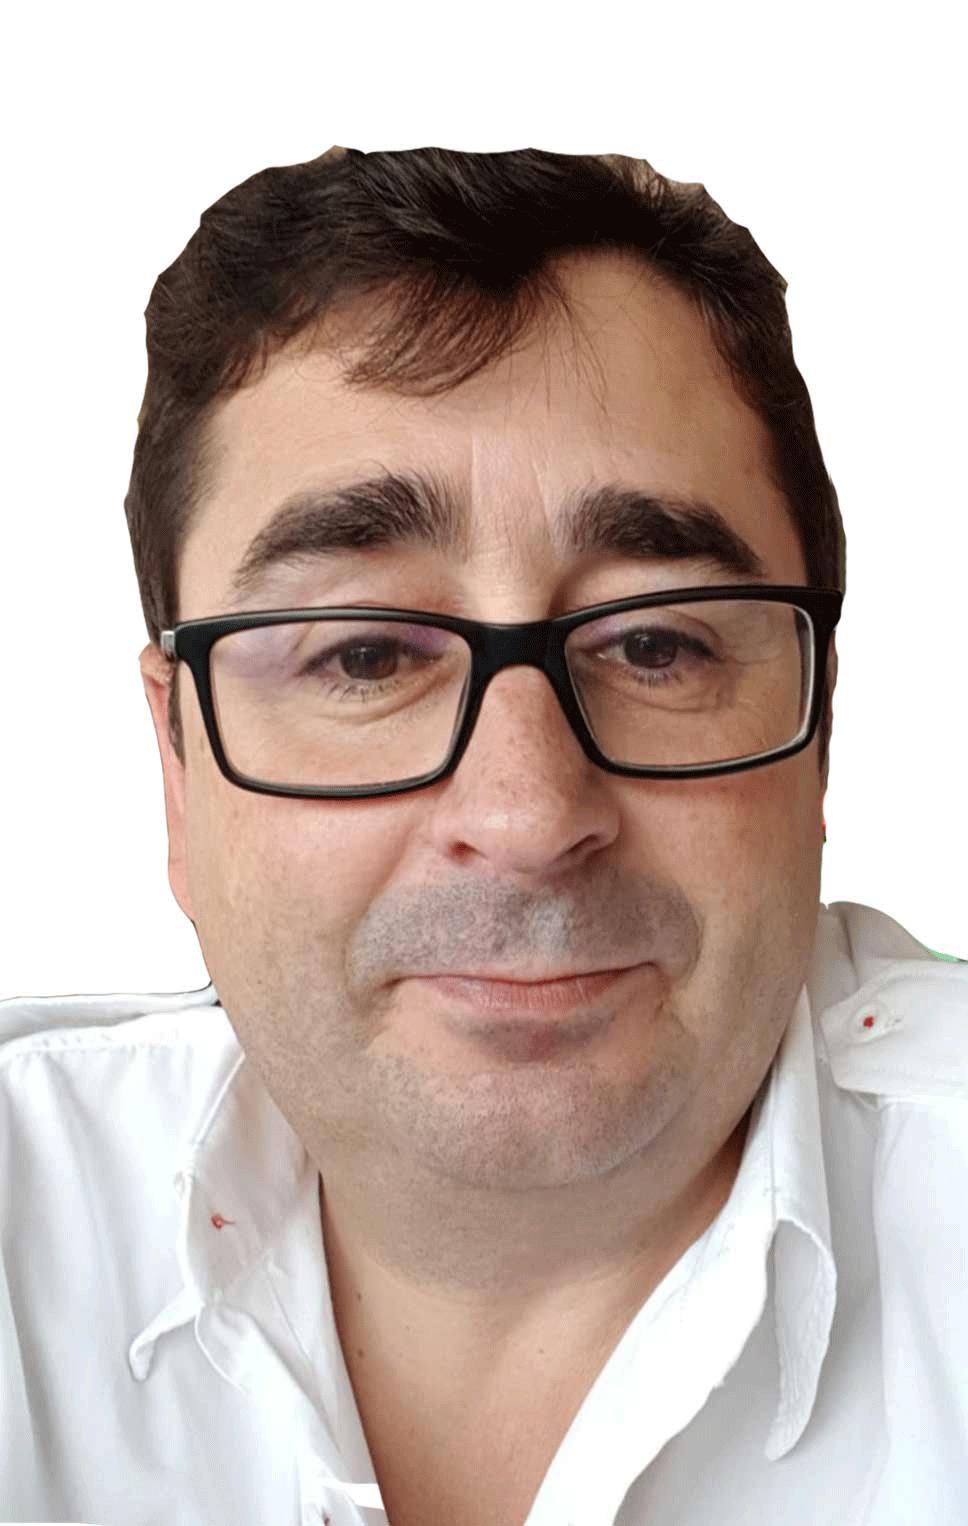 David Varela Míguez